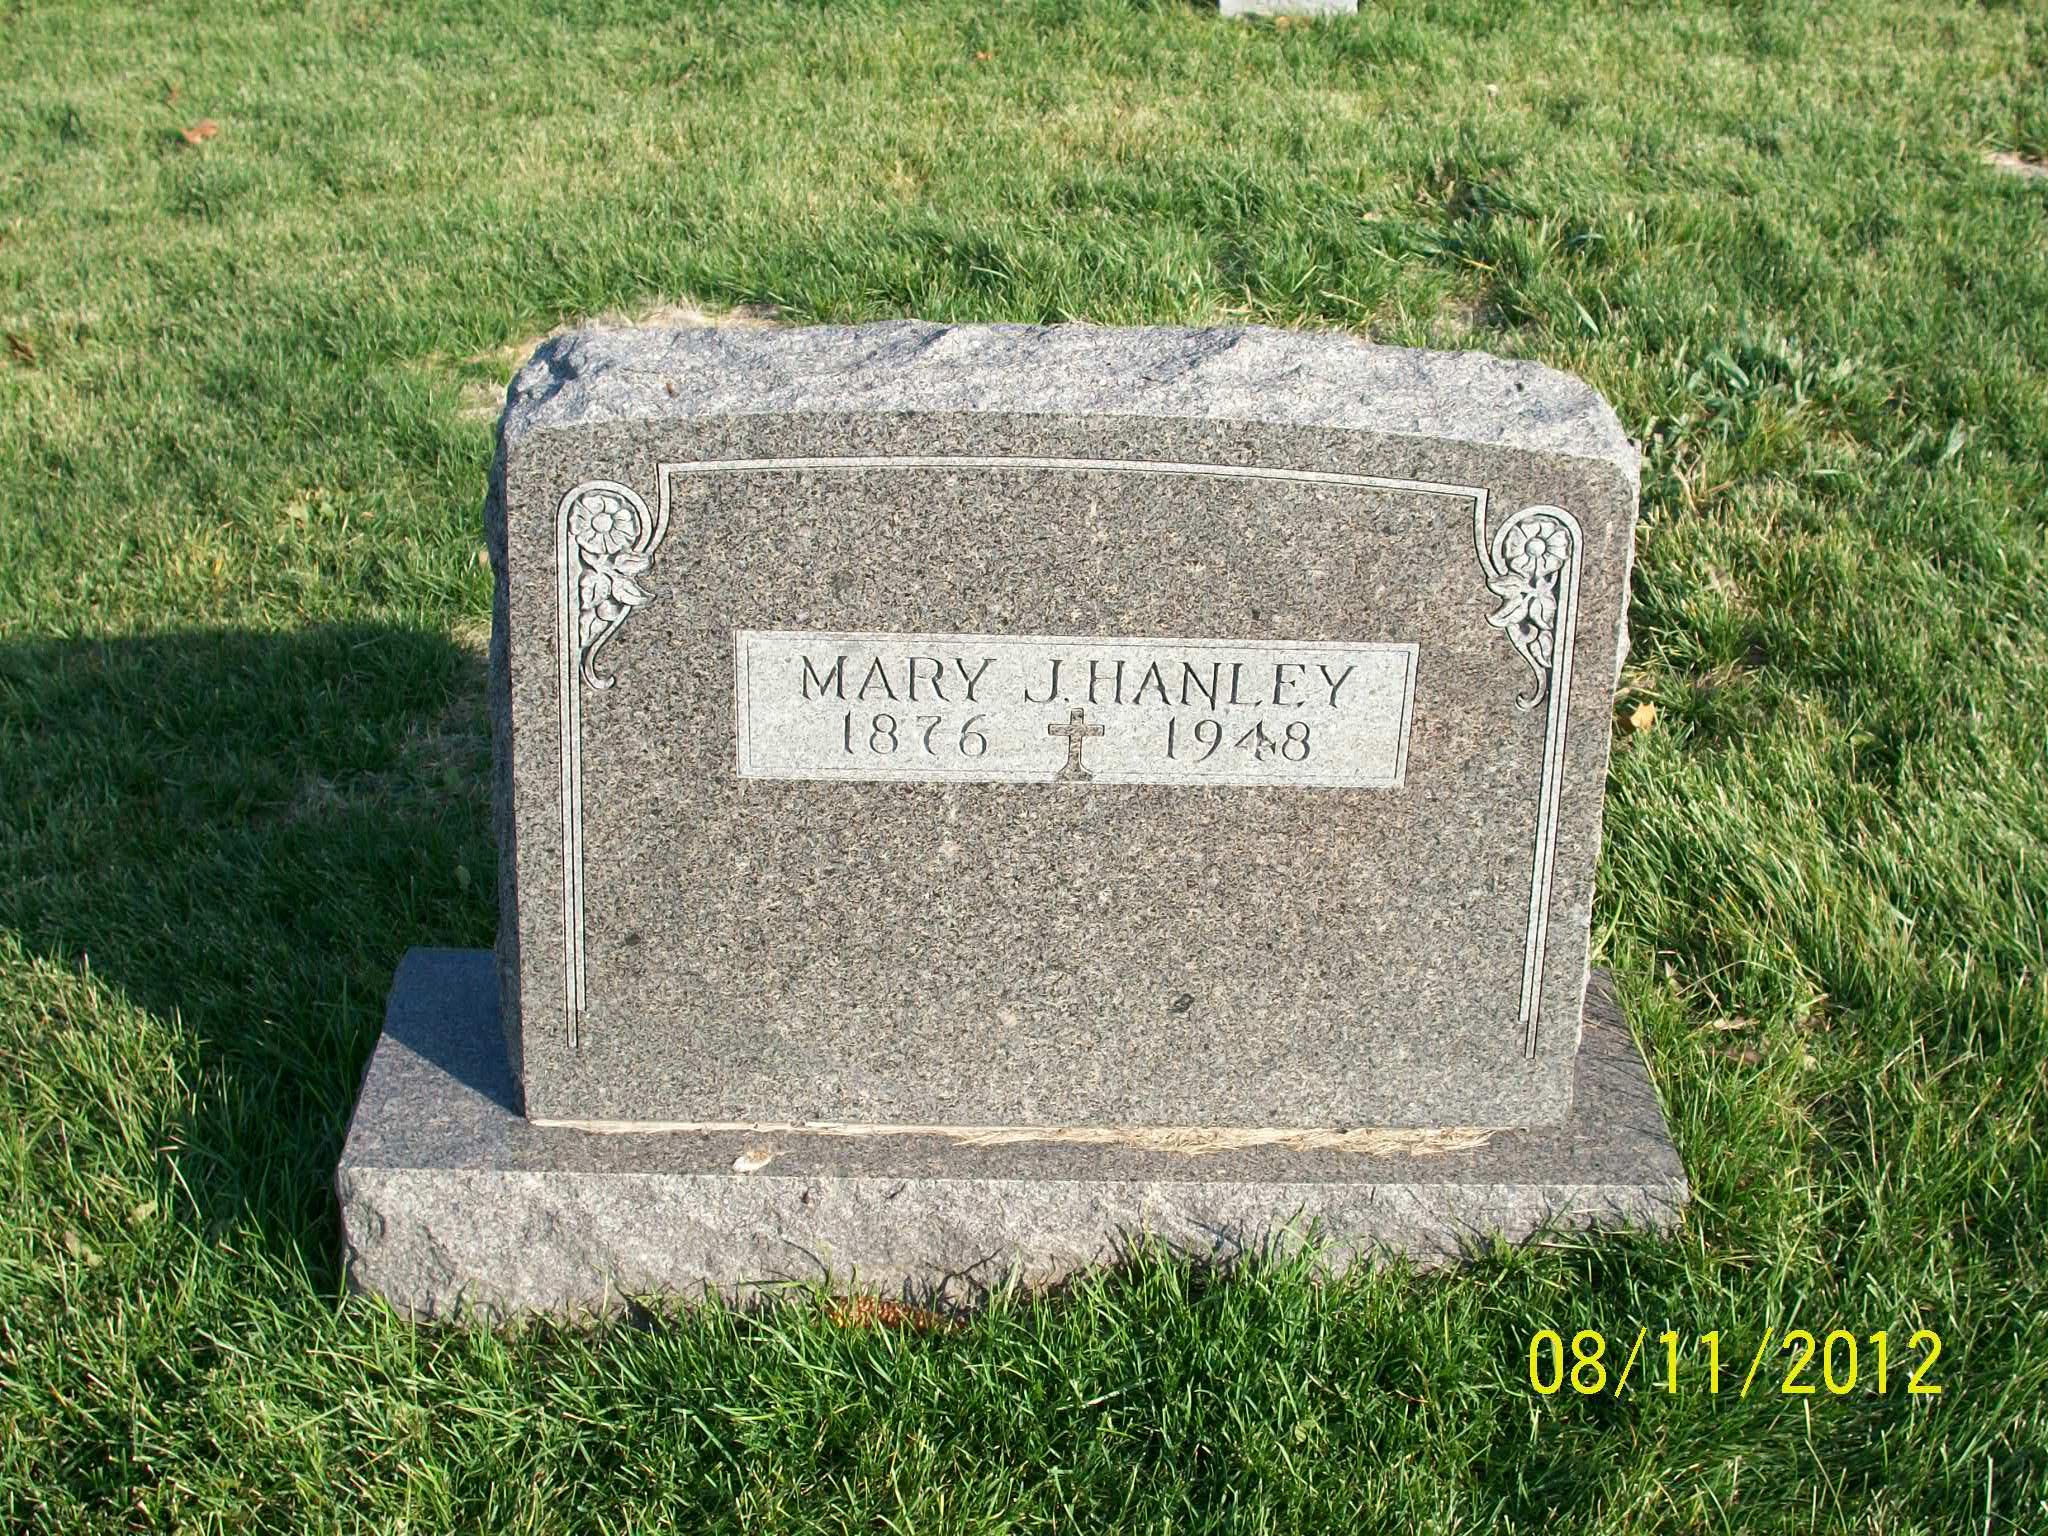 Mary J. Hanley